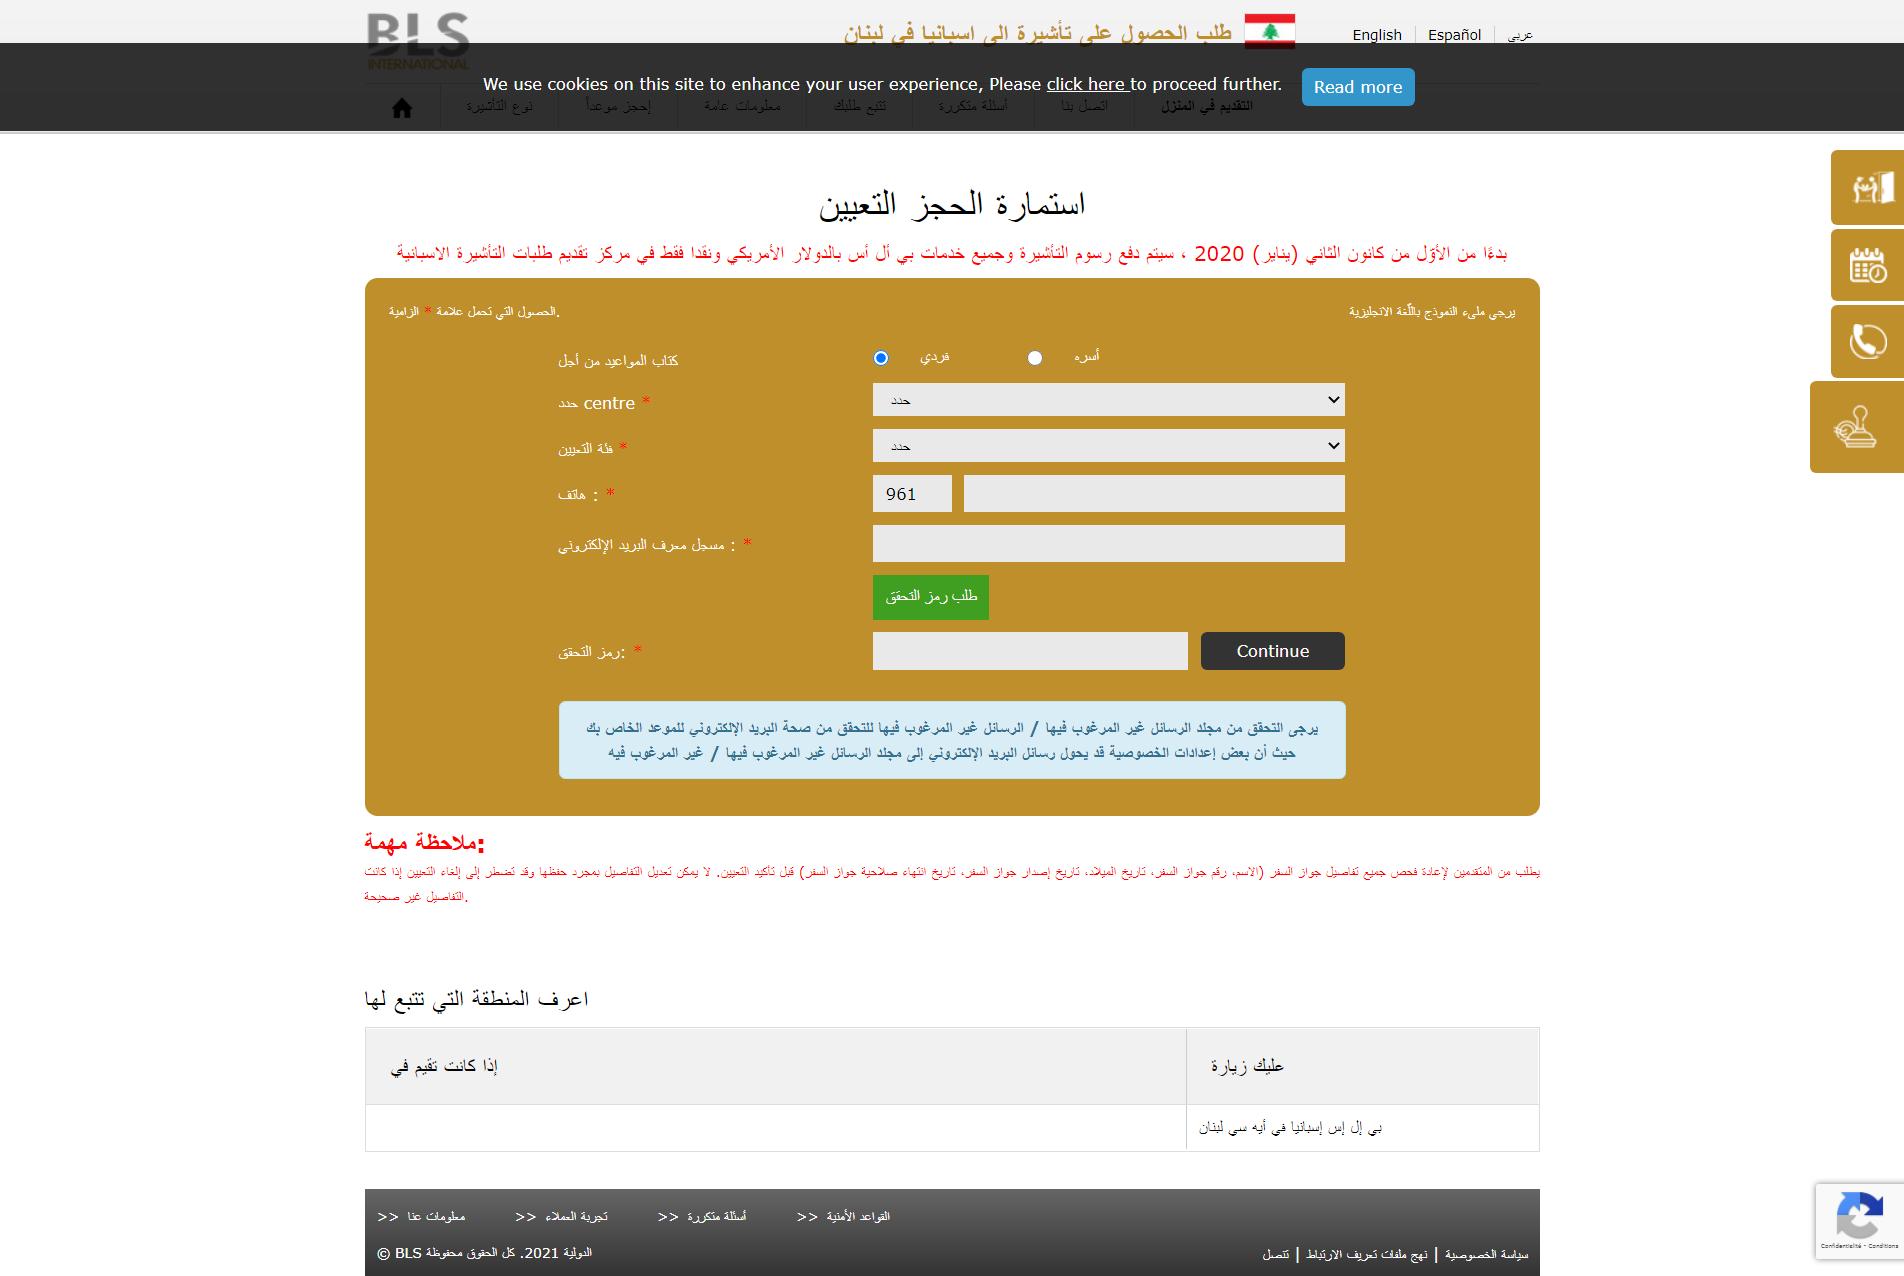 حجز موعد طلب فيزا اسبانيا من لبنان